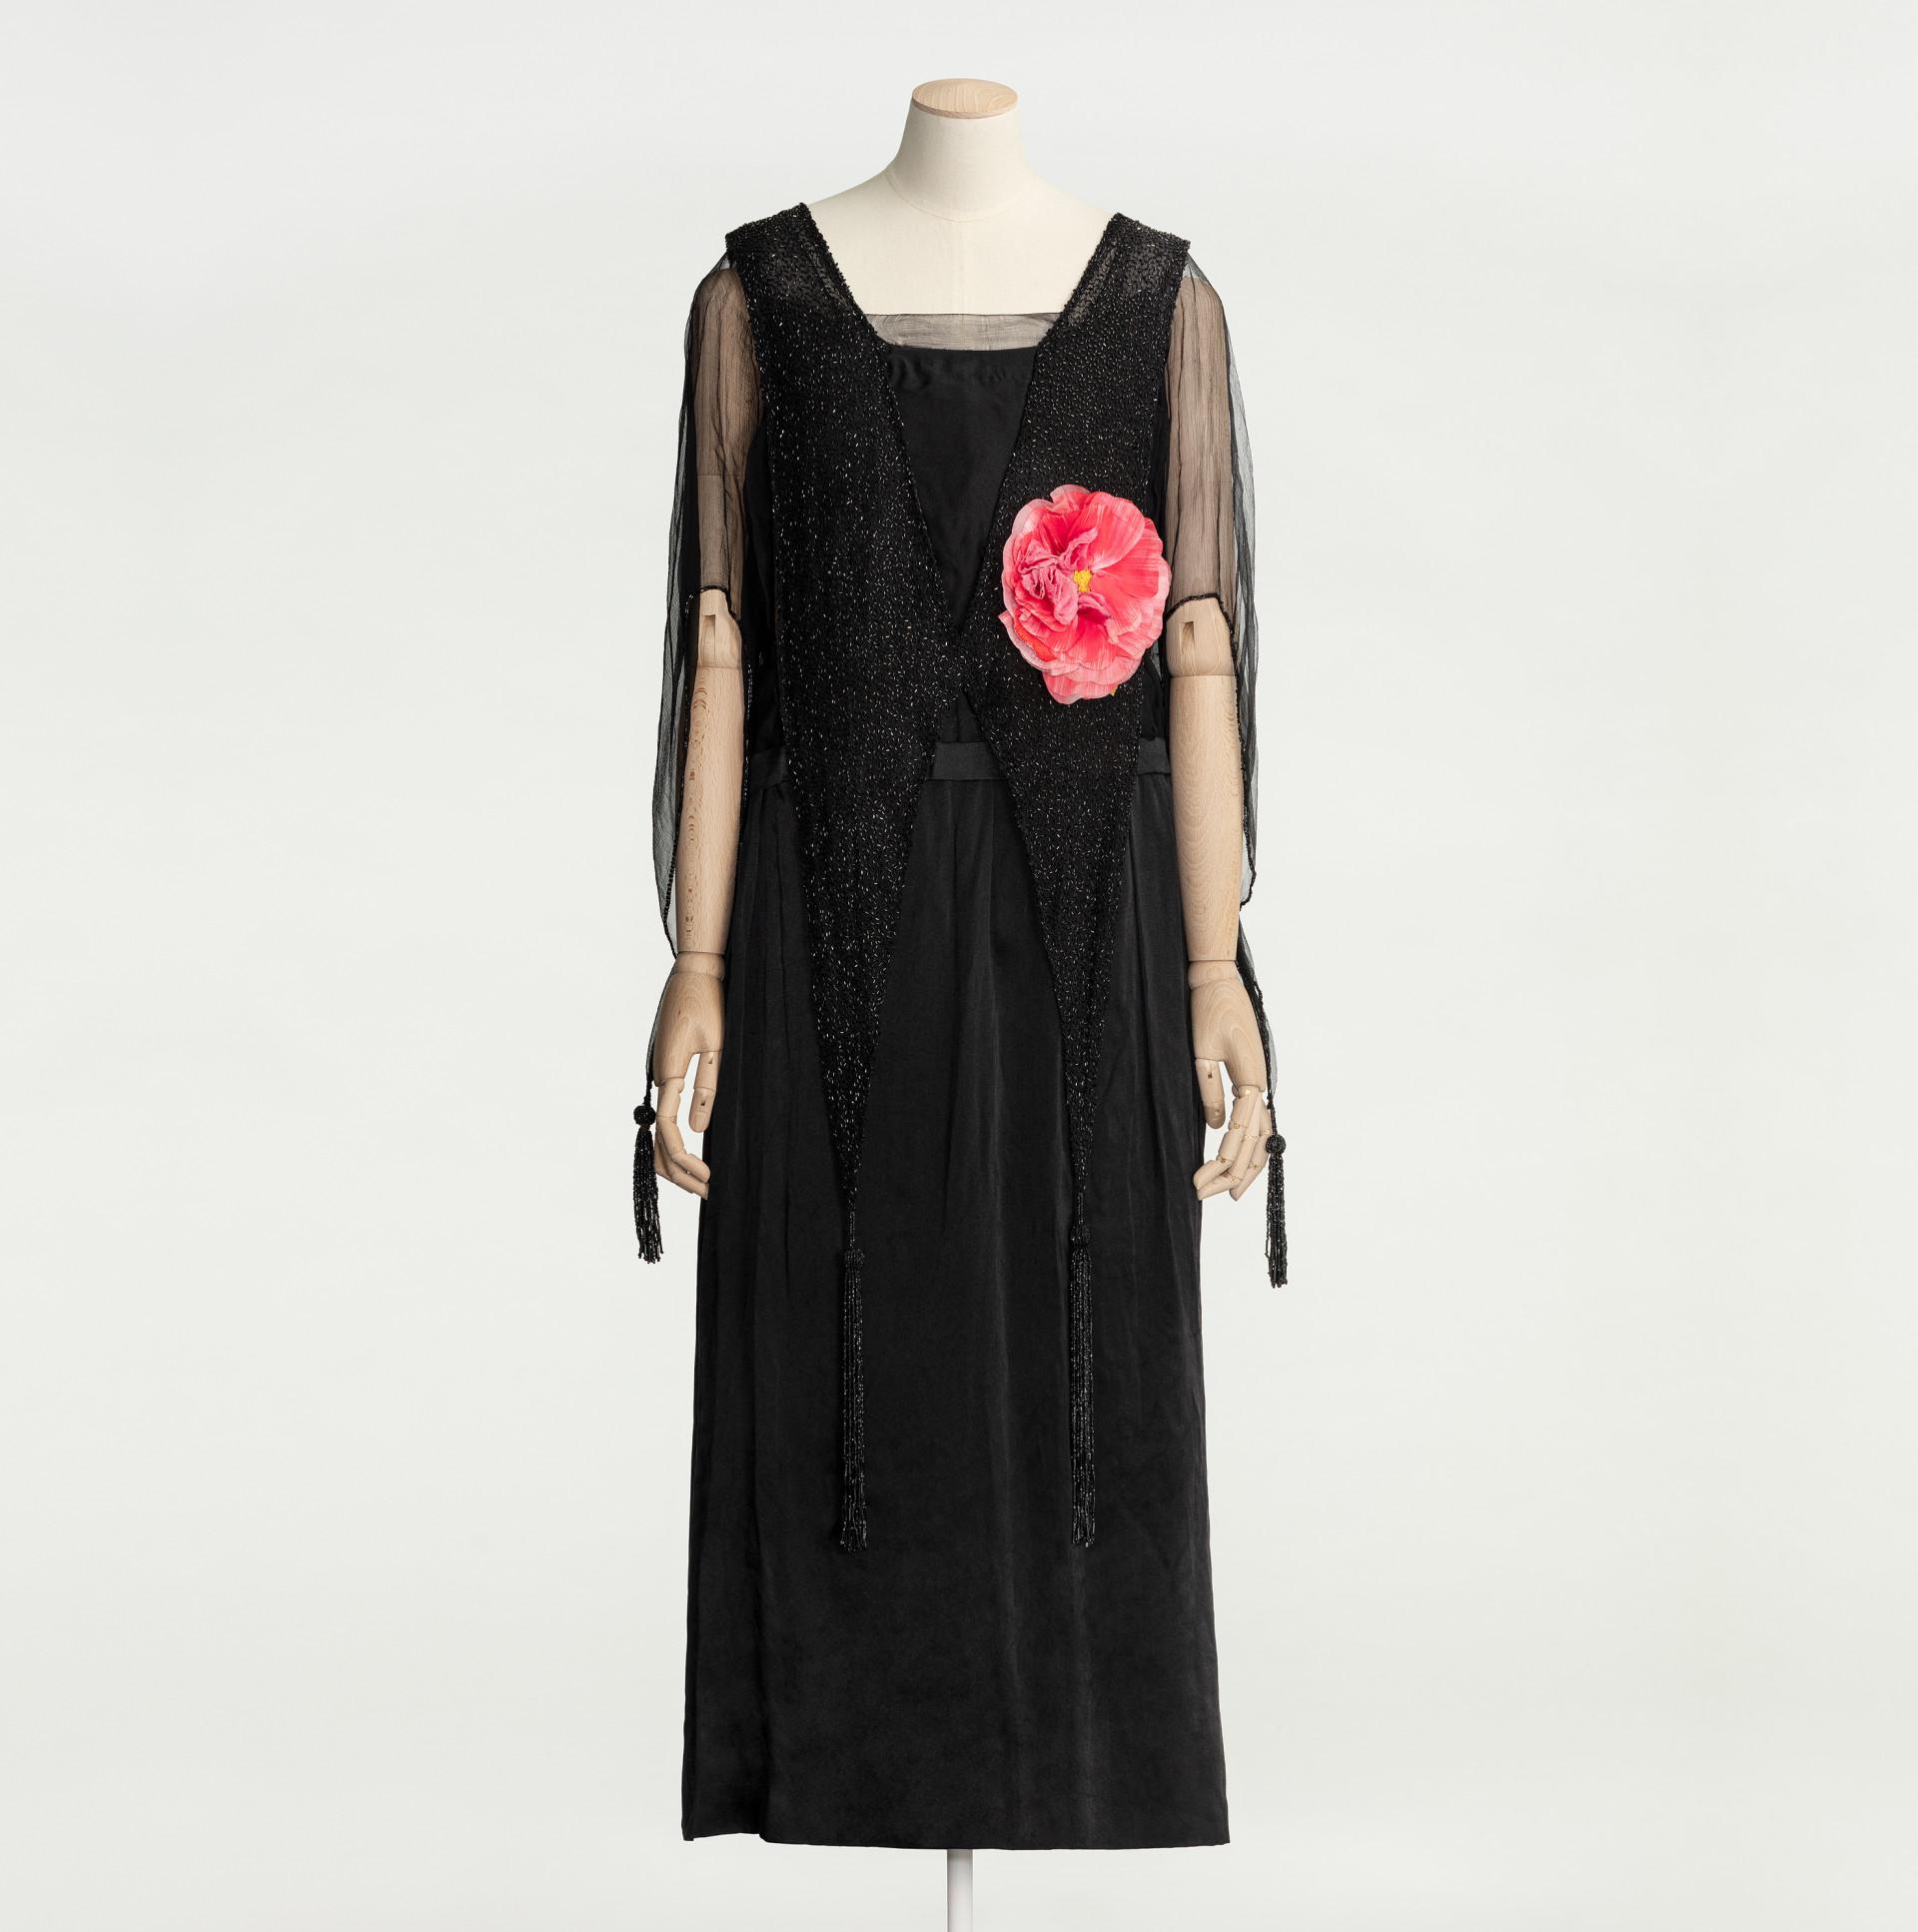 Svart klänning med rosa tygros på provdocka